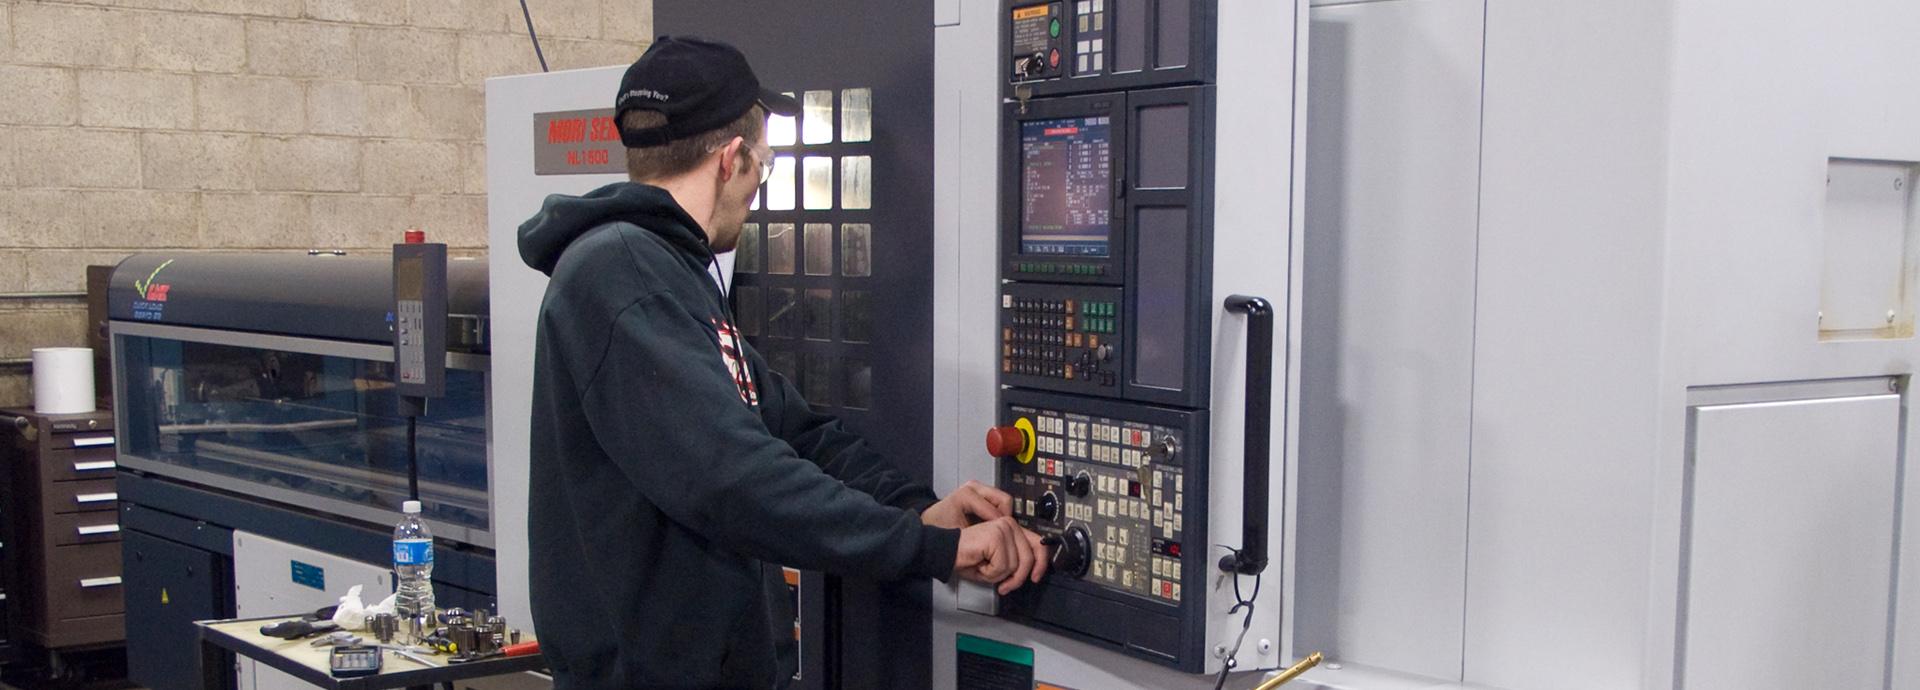 HBP precision machining careers